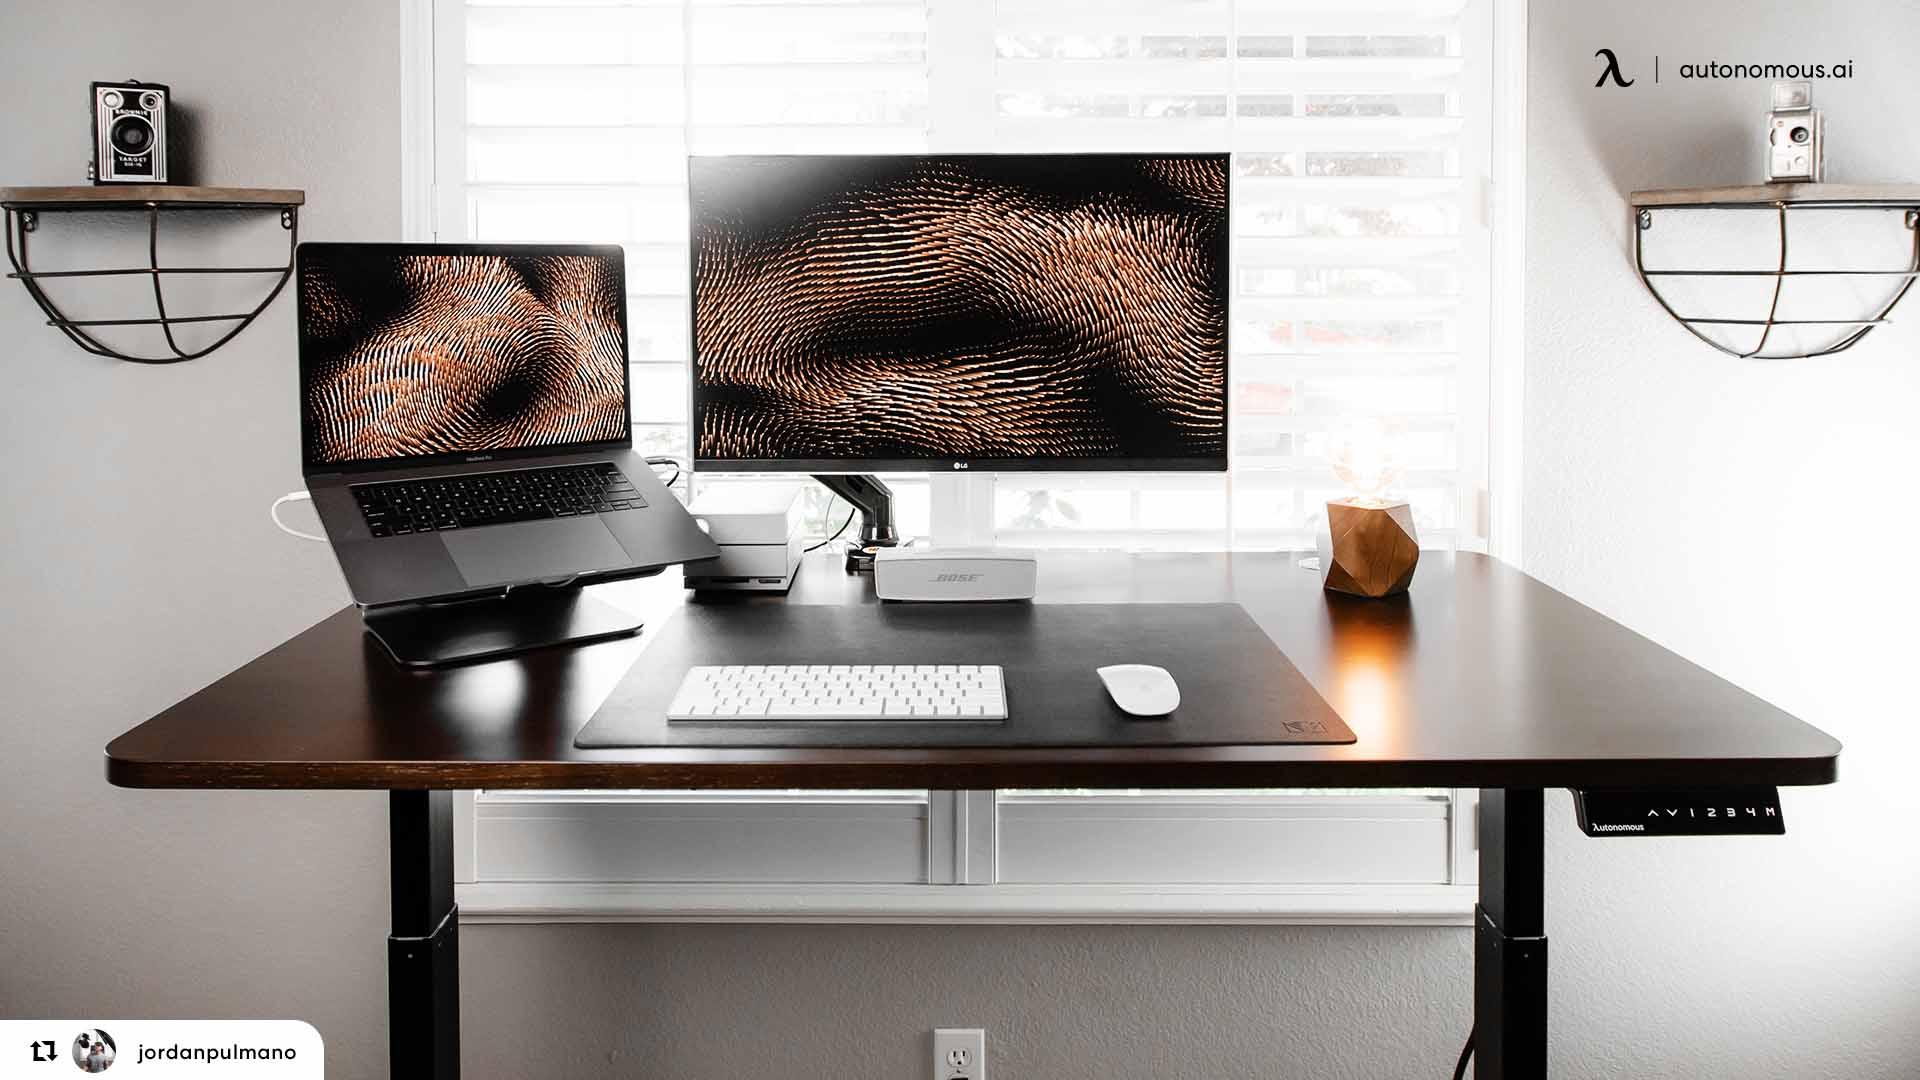 Photo of Autonomus Smartdesk 2 - Premium